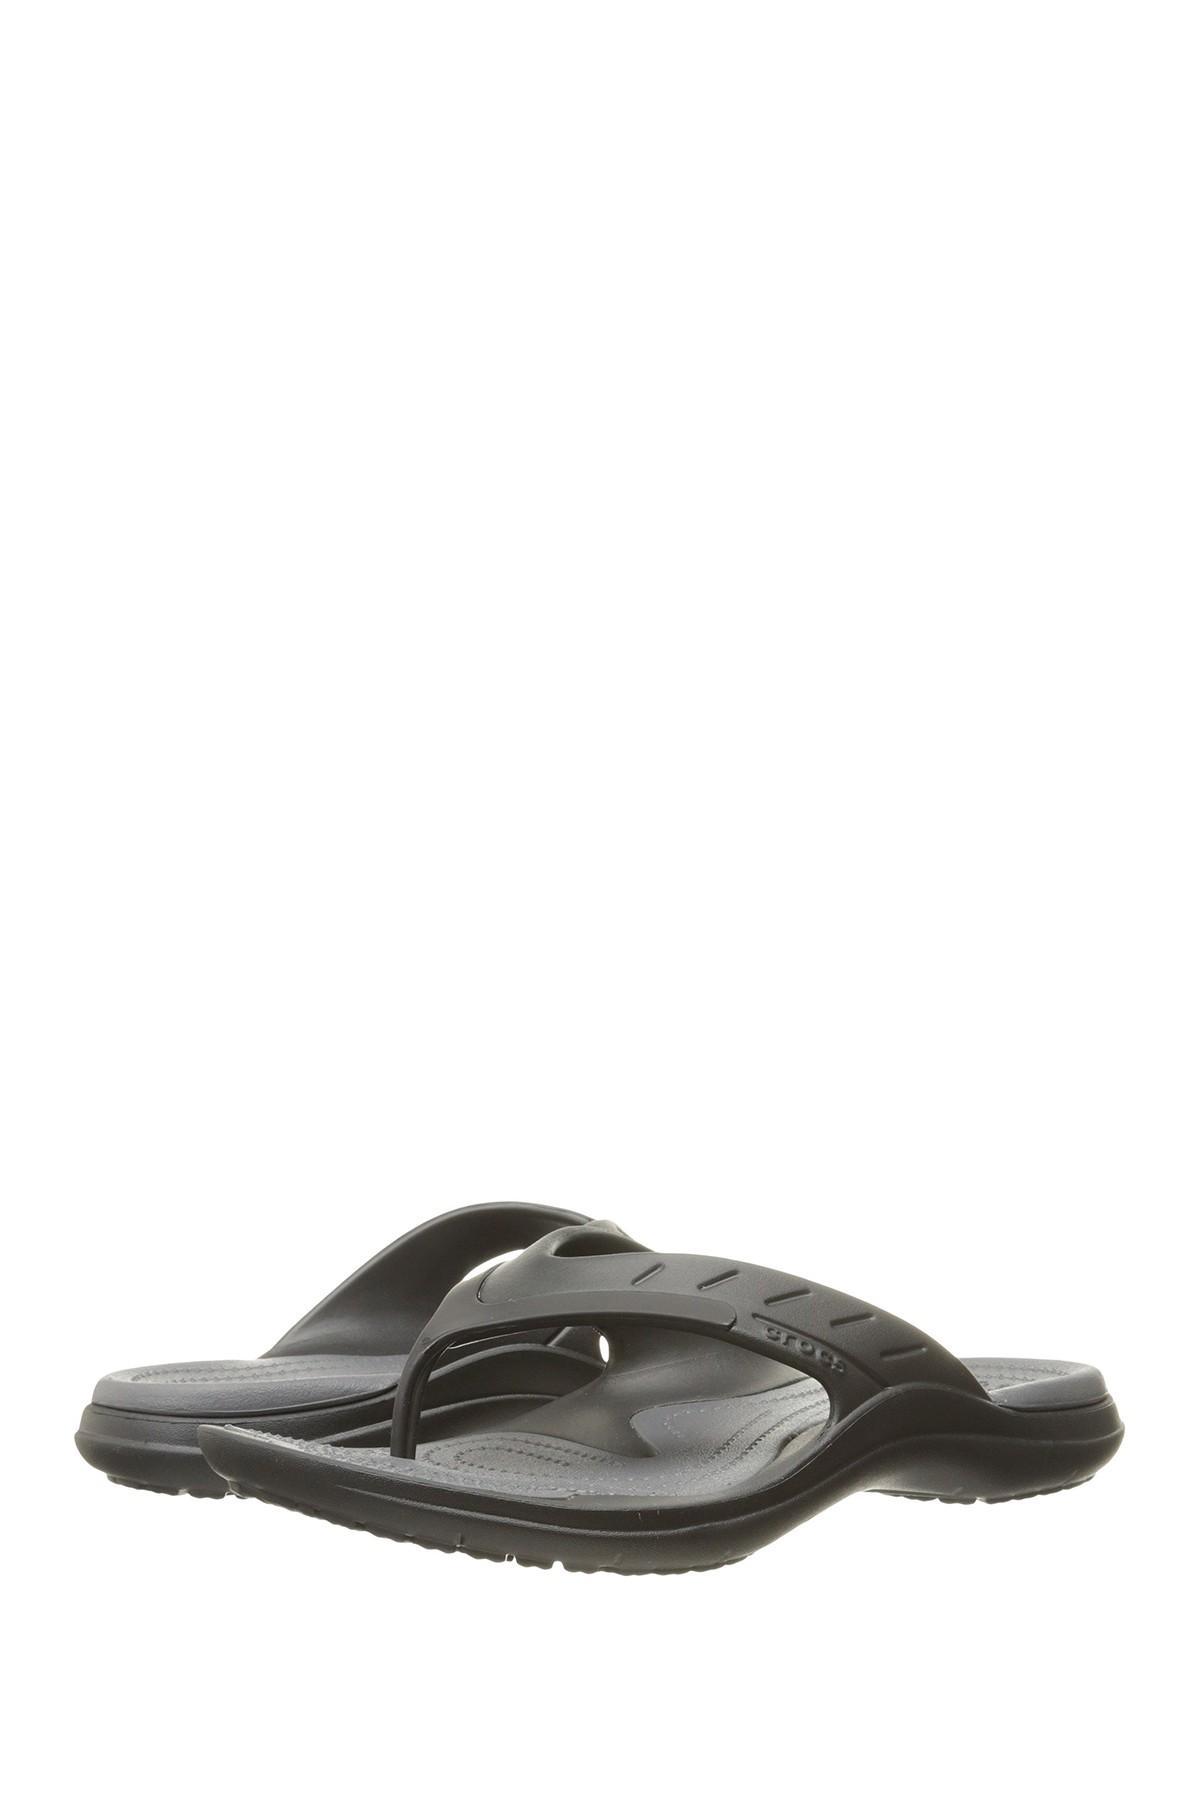 d4e753227 Crocs™ - Black Modi Sport Flip Flop for Men - Lyst. View fullscreen